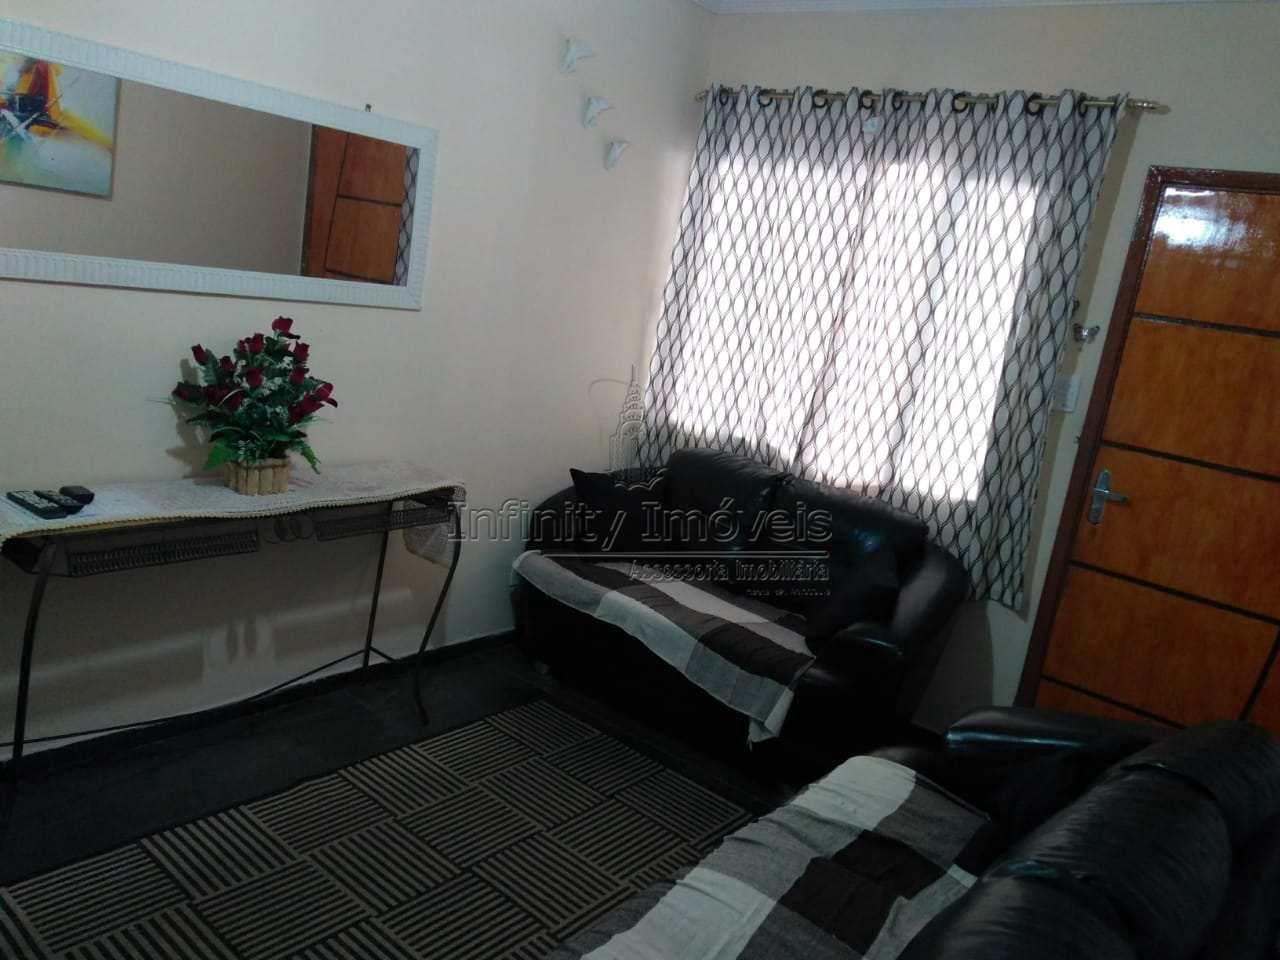 Venda, Casa térrea, 132,00m2, em Santos